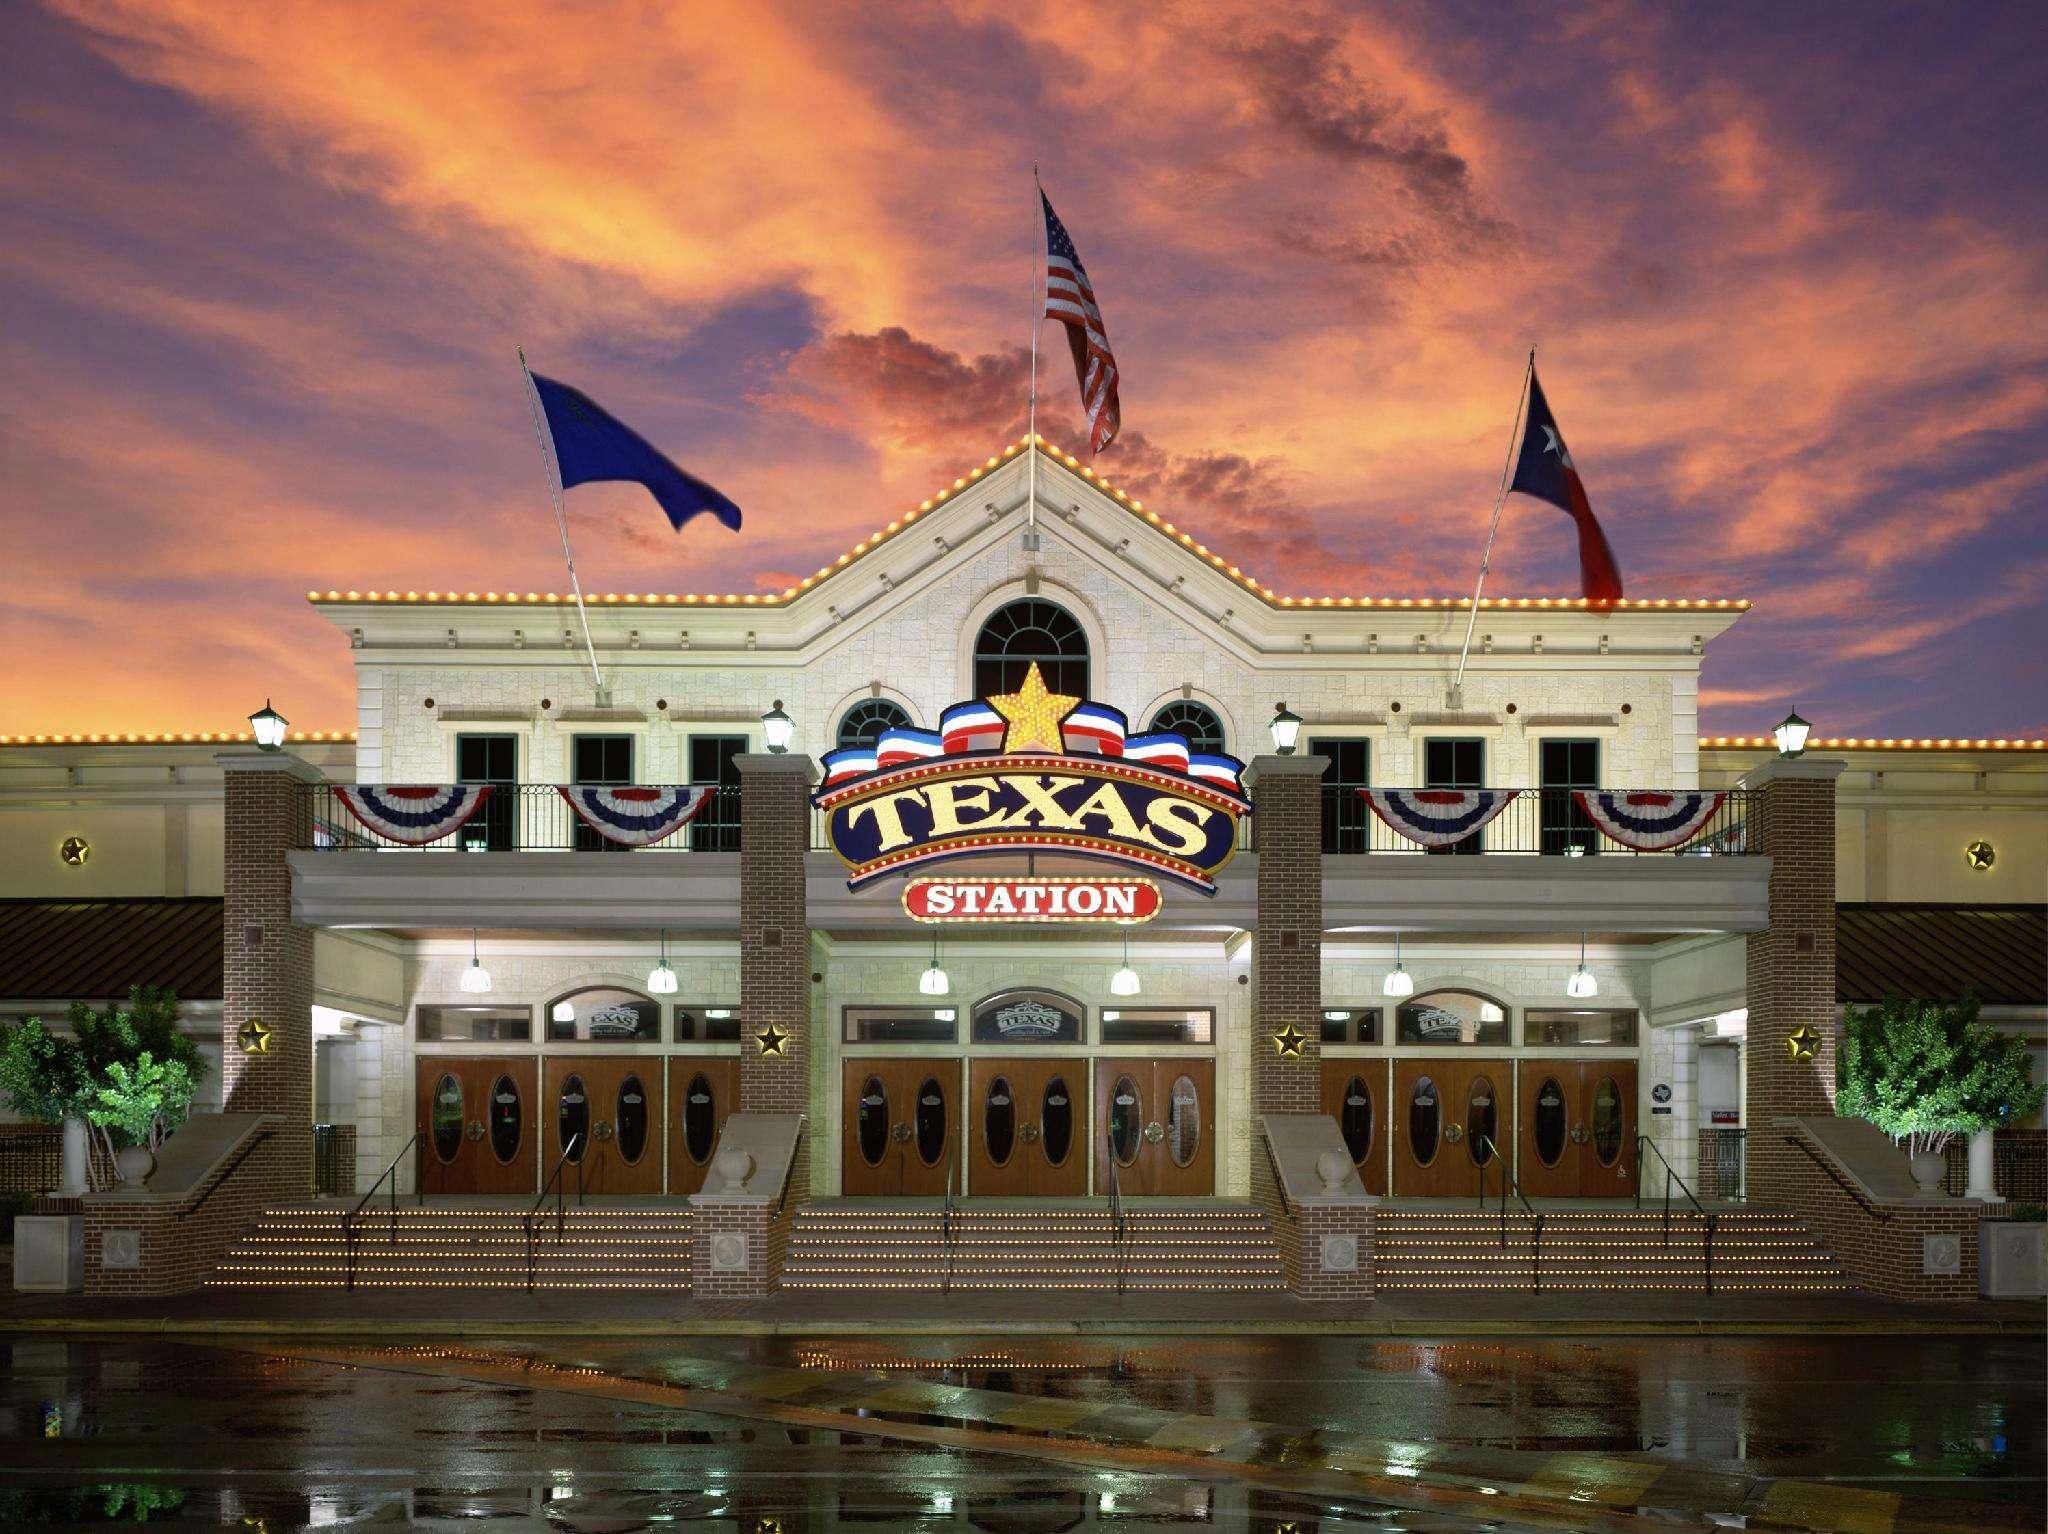 德州赌场及饭店 (texas station gambling hall & hotel)